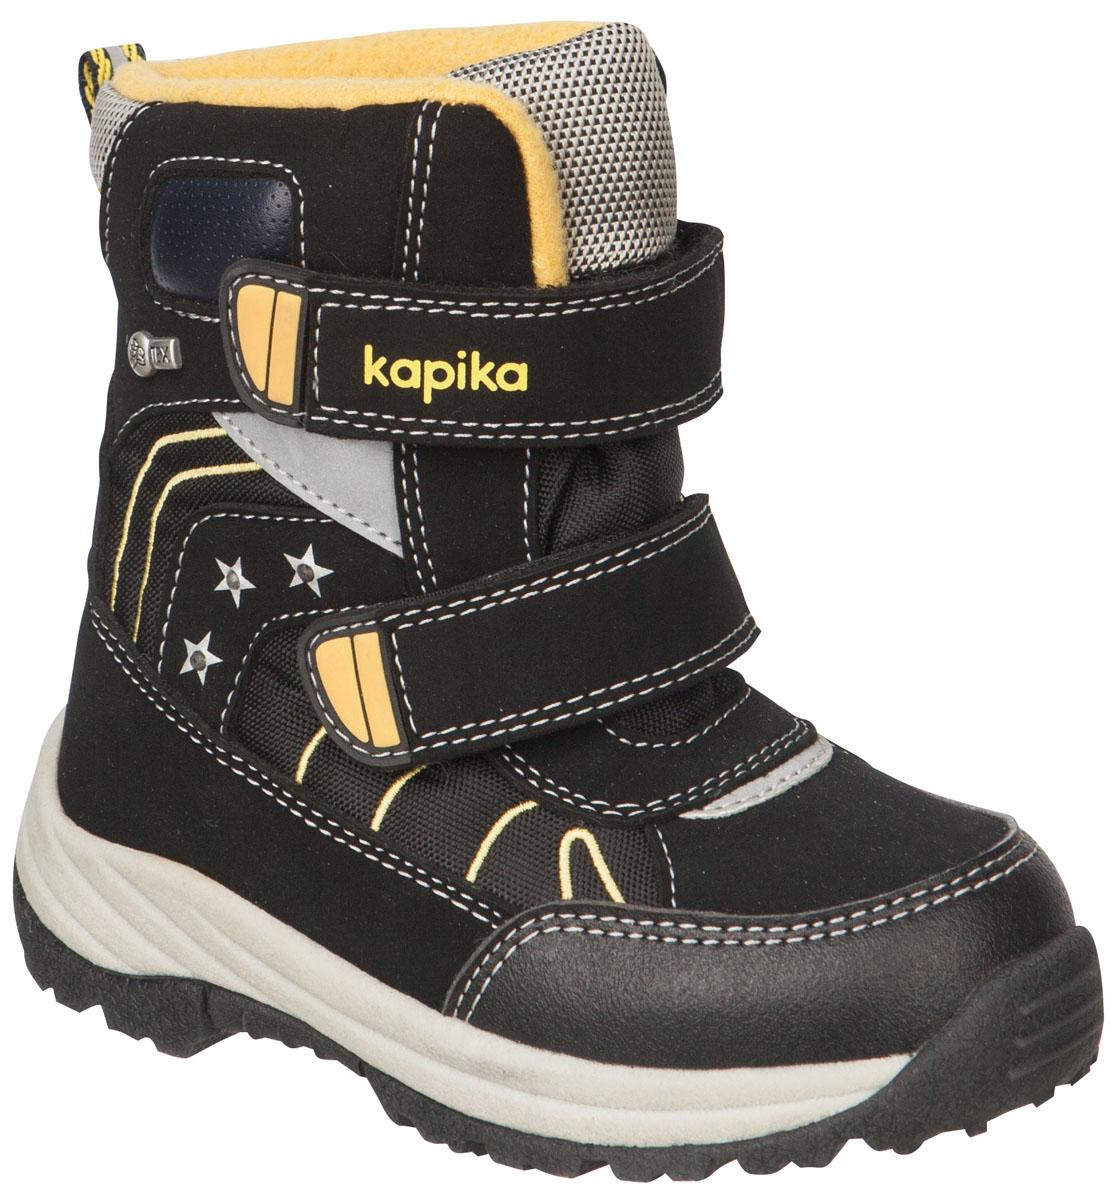 Ботинки для мальчика Kapika, цвет: черный, желтый. 41149-1. Размер 2741149-1Легкие, удобные и теплые ботинки от Kapika выполнены из мембранных материалов и искусственной кожи. Два ремешка на застежках-липучках надежно фиксируют изделие на ноге. Мягкая подкладка и стелька из шерсти обеспечивают тепло, циркуляцию воздуха и сохраняют комфортный микроклимат в обуви. Подошва с протектором гарантирует идеальное сцепление с любыми поверхностями.Идеальная зимняя обувь для активных детей и подростков.